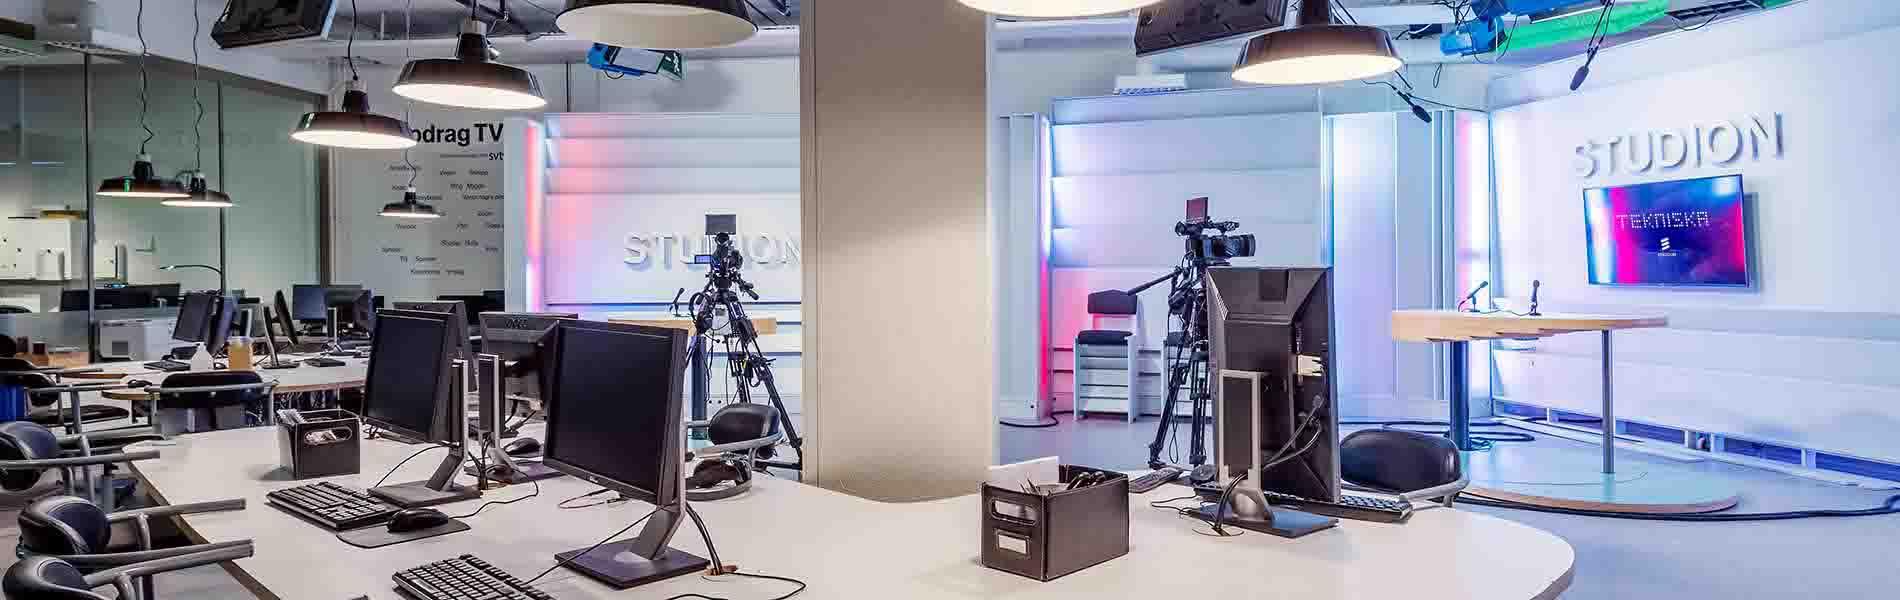 Tekniska museets studio för bokning av digitala event.